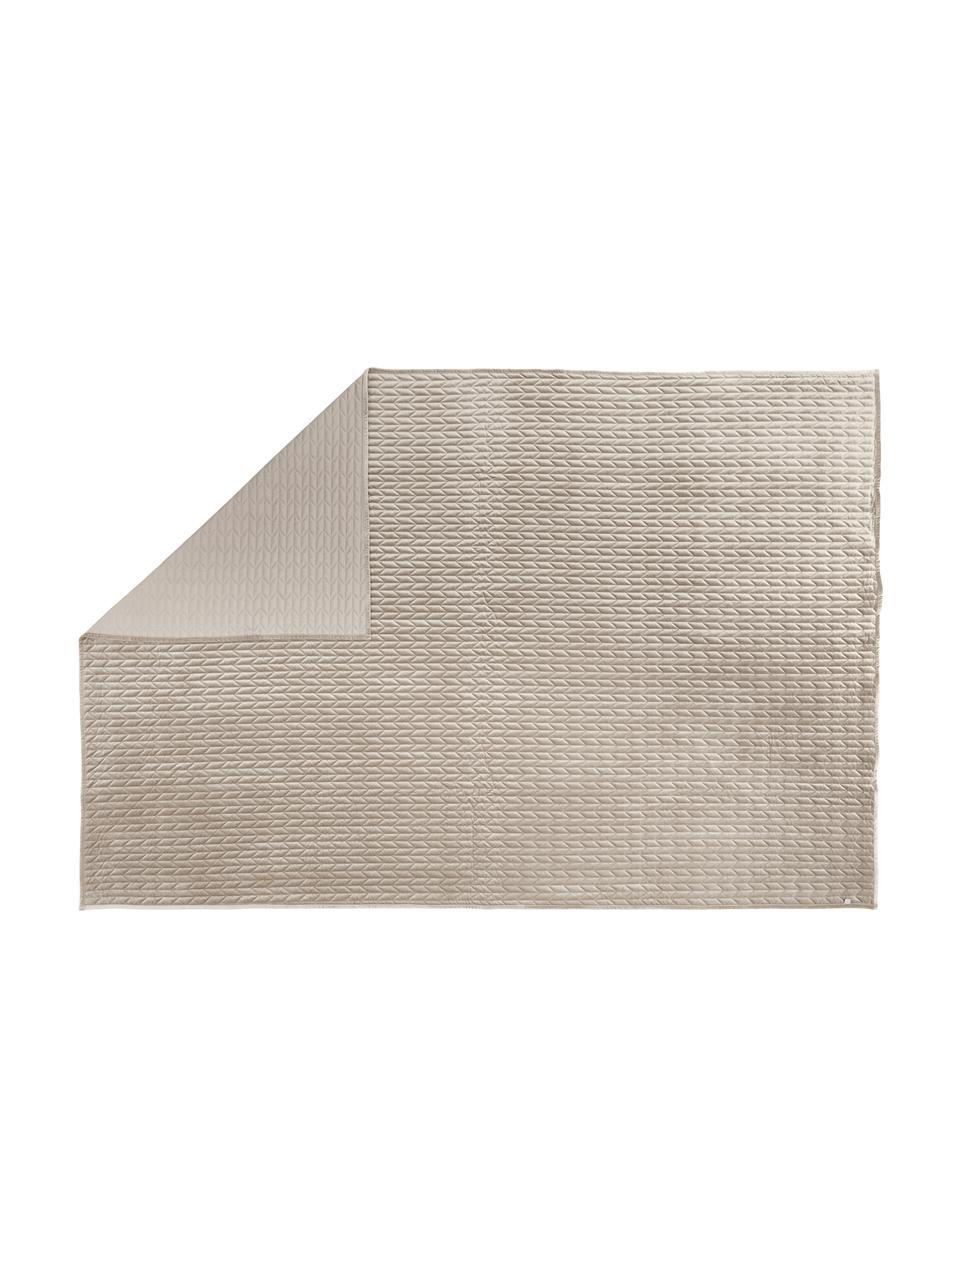 Tagesdecke Tily mit dekorativer Steppung, 100% Polyester, Beige, B 180 x L 260 cm (für Betten bis 140 x 200)